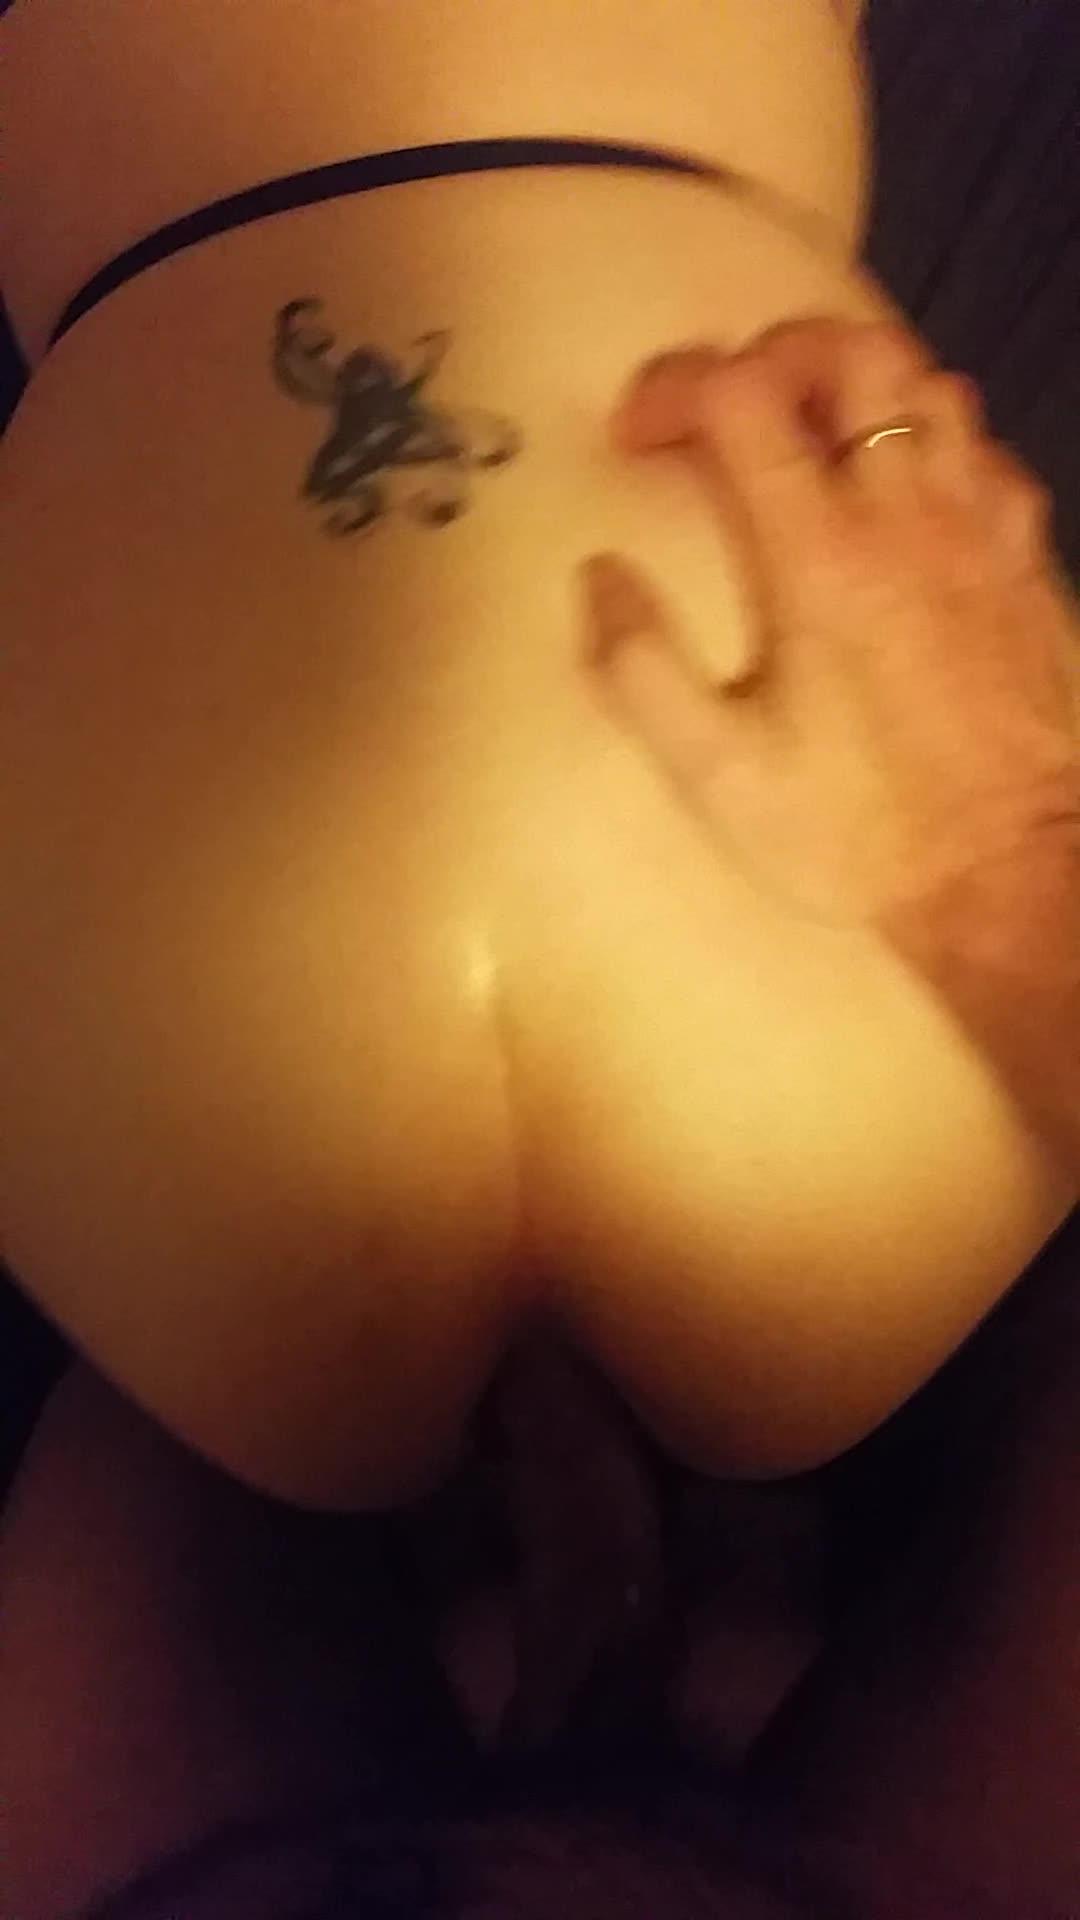 Devon_Havoc'd vid